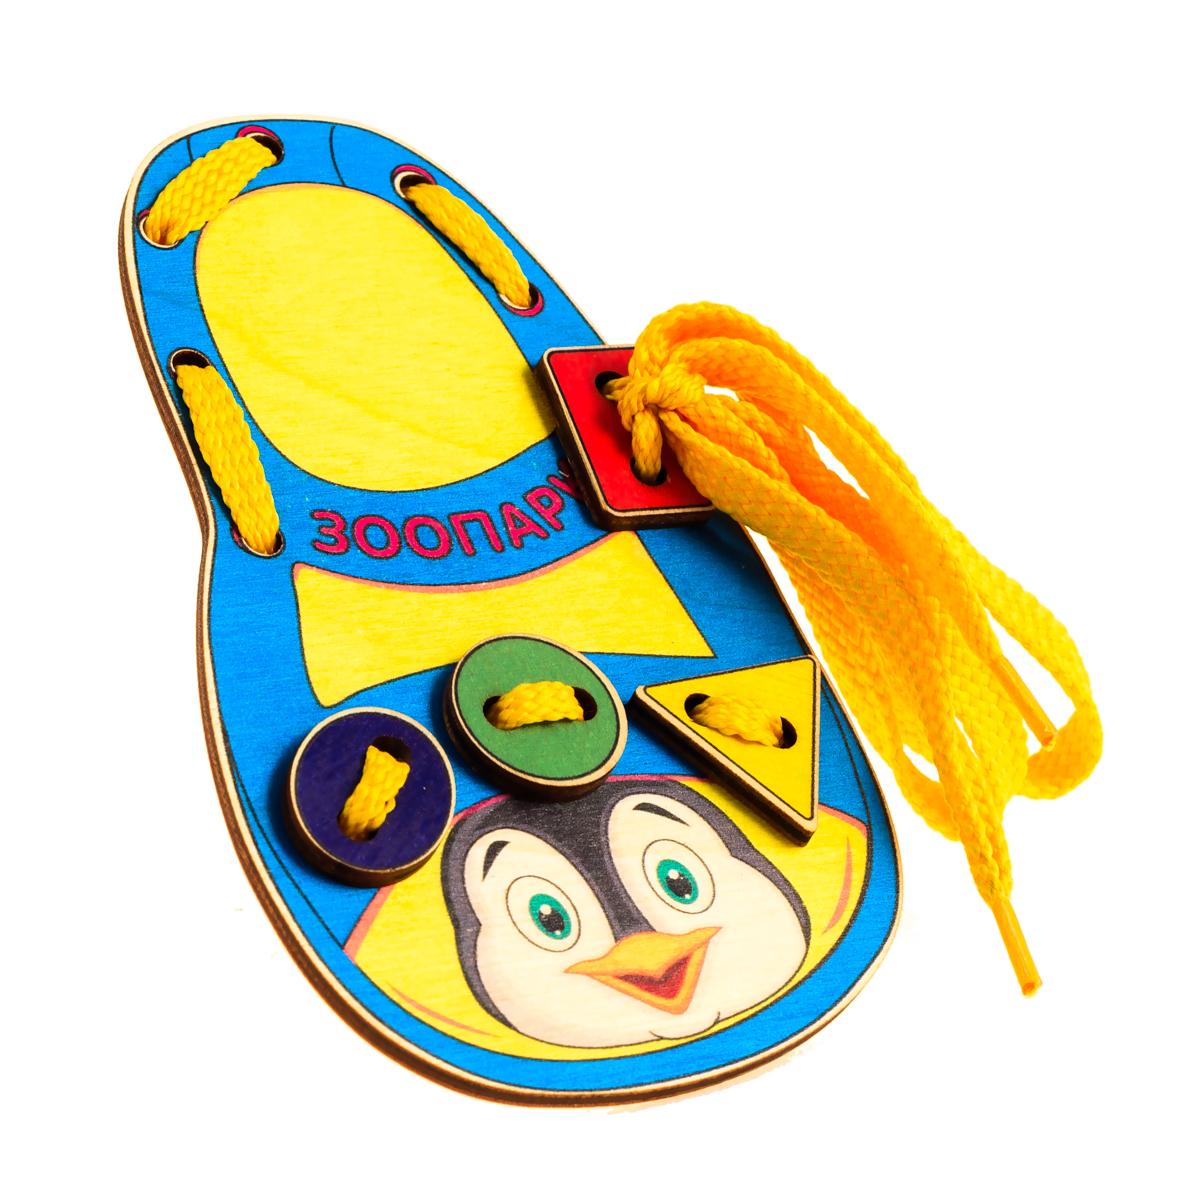 Развивающие деревянные игрушки Шнуровка Башмачок Зоопарк ПингвиненокД512аШнуровка из качественных деревоматериалов - прекрасная игрушка для развития ребенка. Шнуровка-башмачок из обработатнной фанеры непременно станет любимой игрушкой любопытного непоседы. Серия шнуровок ЗООПАРК в виде детского сандалика не только послужит незаменимым пособием для развития моторики ребенка, но и познакомит его с дикими животными и геометрическими фигурами: квадратом, кругом, овалом и треугольником. Насыщенные цвета и разнообразные формы будут стимулировать детское воображение и фантазию, развивать внимание, цветовое восприятие, моторику и координацию. ВНИМАНИЕ! Детали игрушки выполнены из натурального дерева (деревоматериала) без покрытия лаками или другими химическими составами. Перед использованием удалите остатки древесины и древесную пыль, тщательно протерев детали игрушки мягкой тканью!